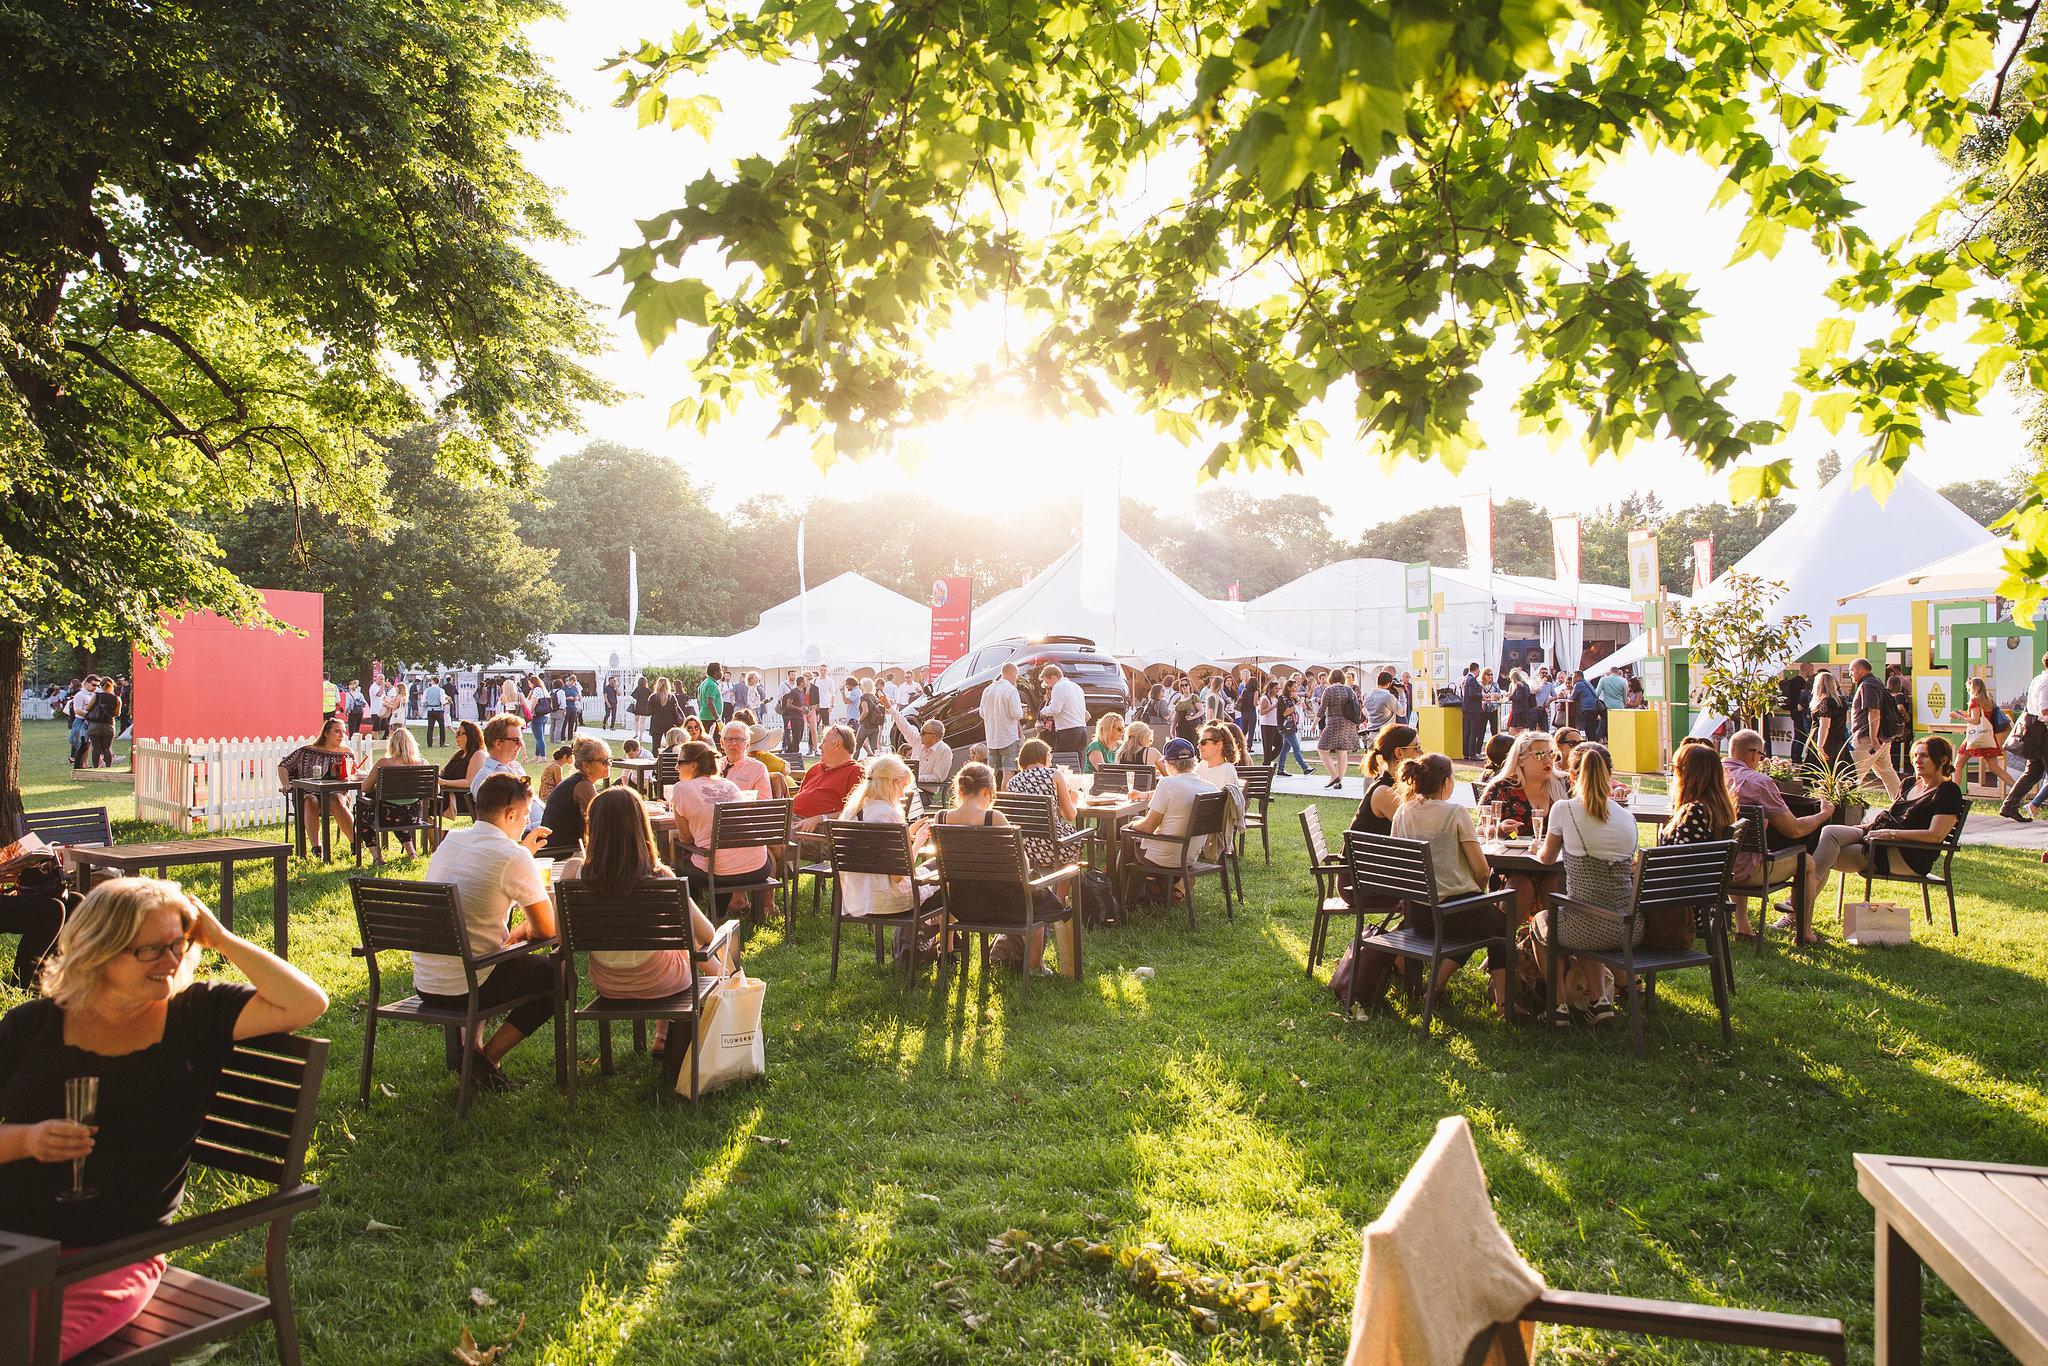 Taste of London summer festival